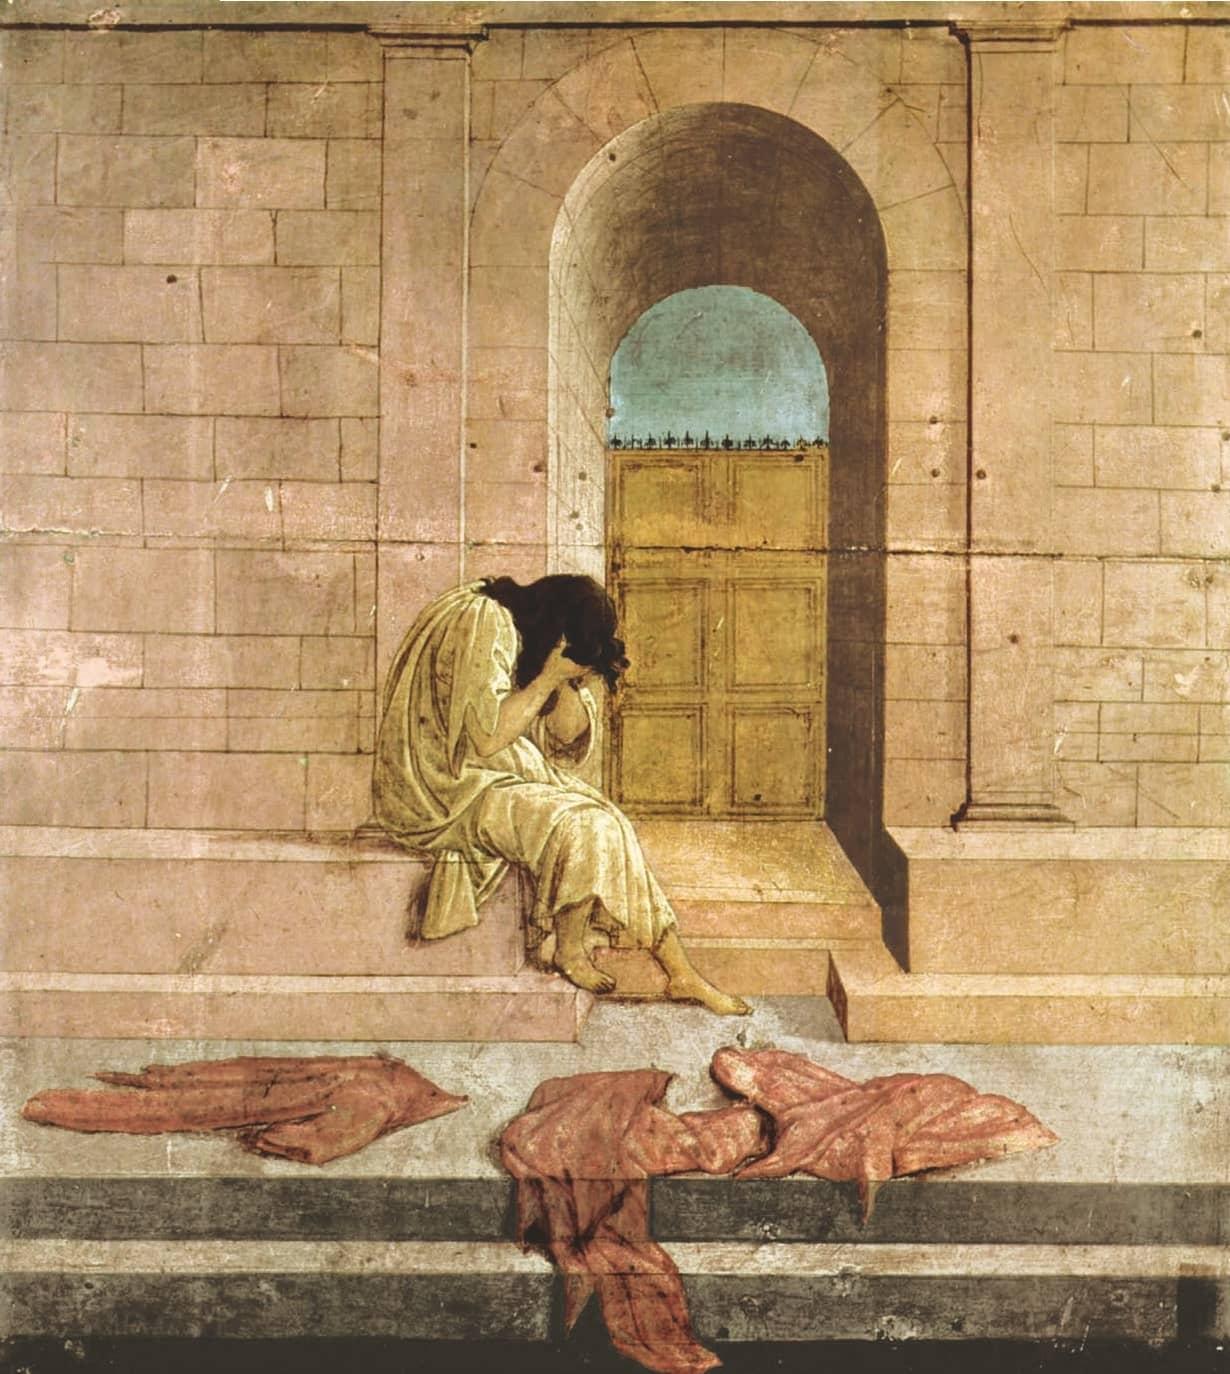 Botticelli's Quarantine